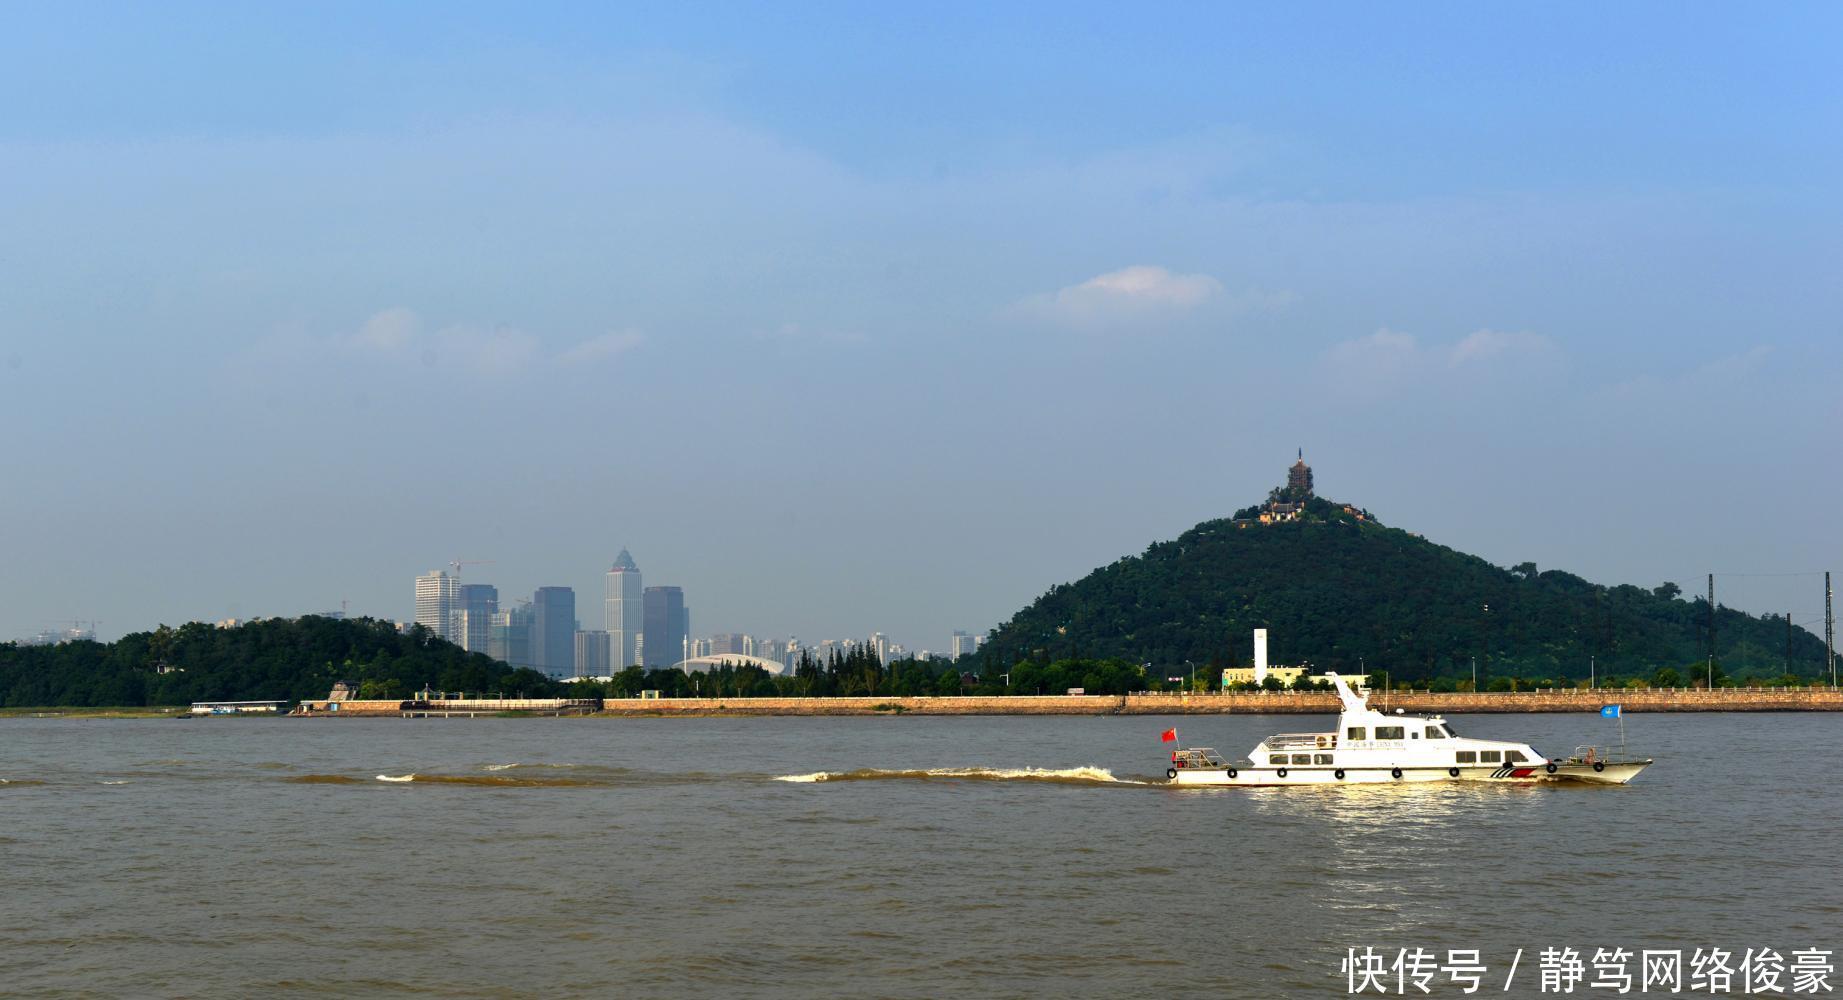 江苏下一个万亿城市, 经济不输大连, 看齐无锡, 却一直被忽视